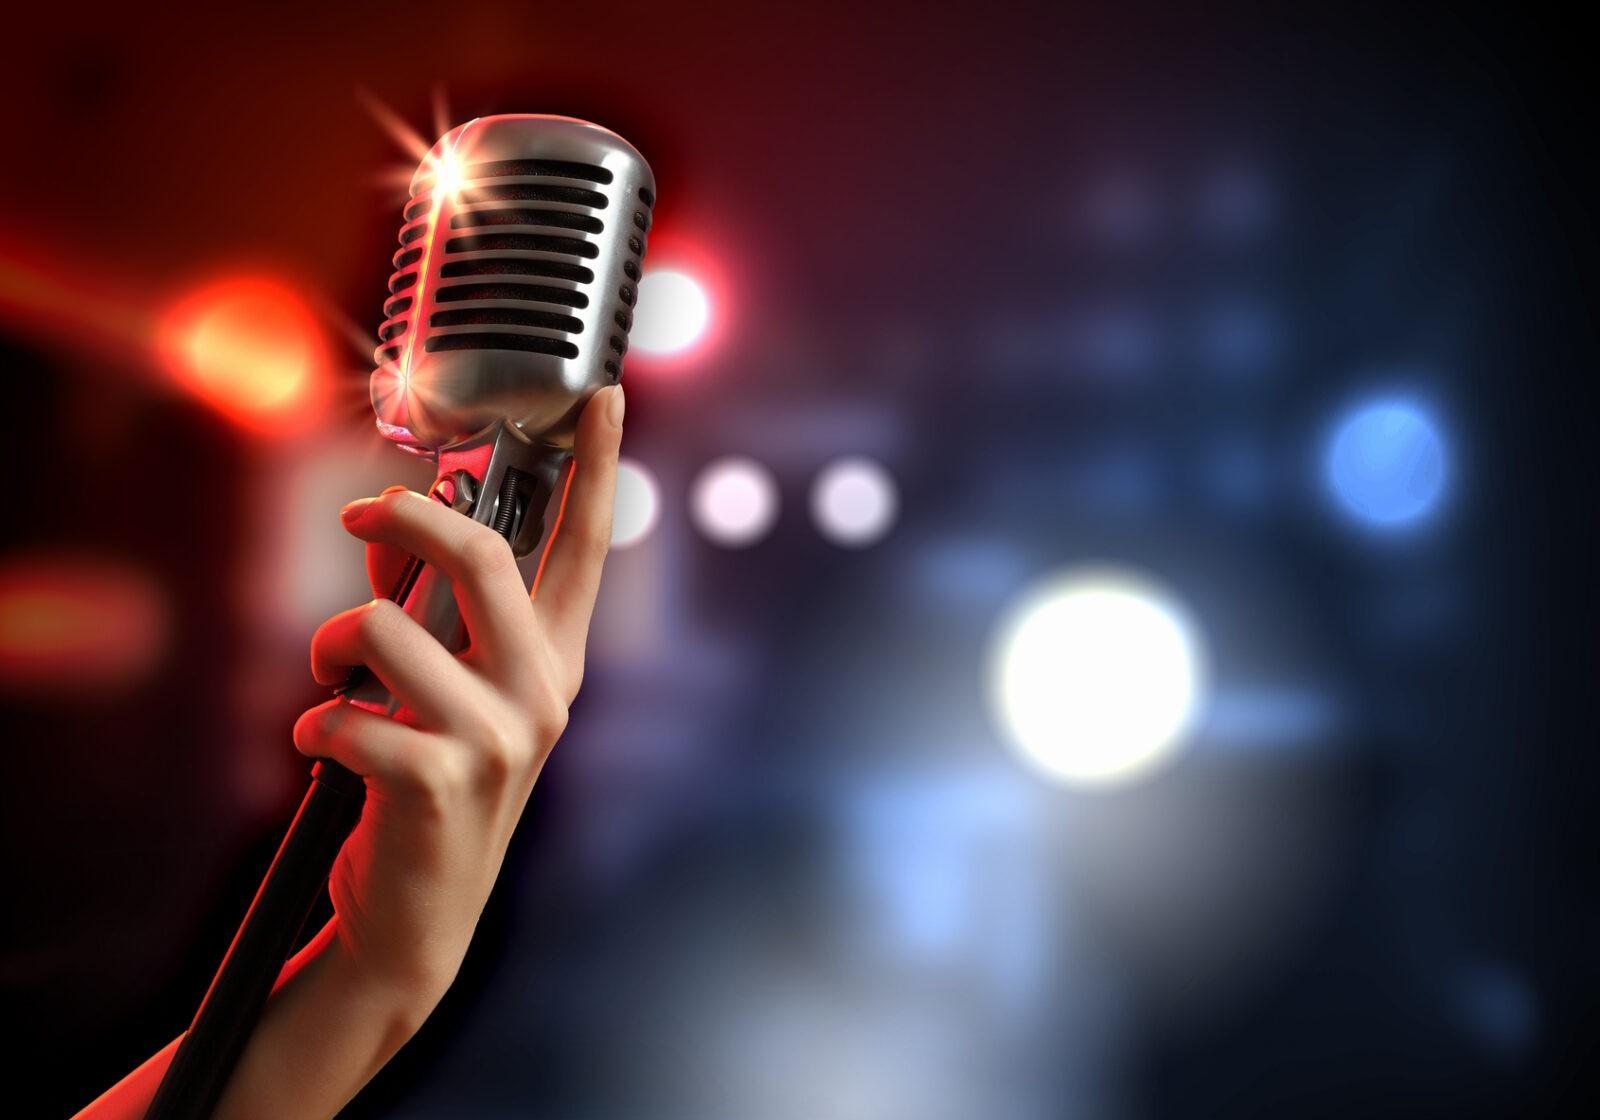 На Международном конкурсе вокалистов выступят исполнители из России, Китая, Болгарии и других стран